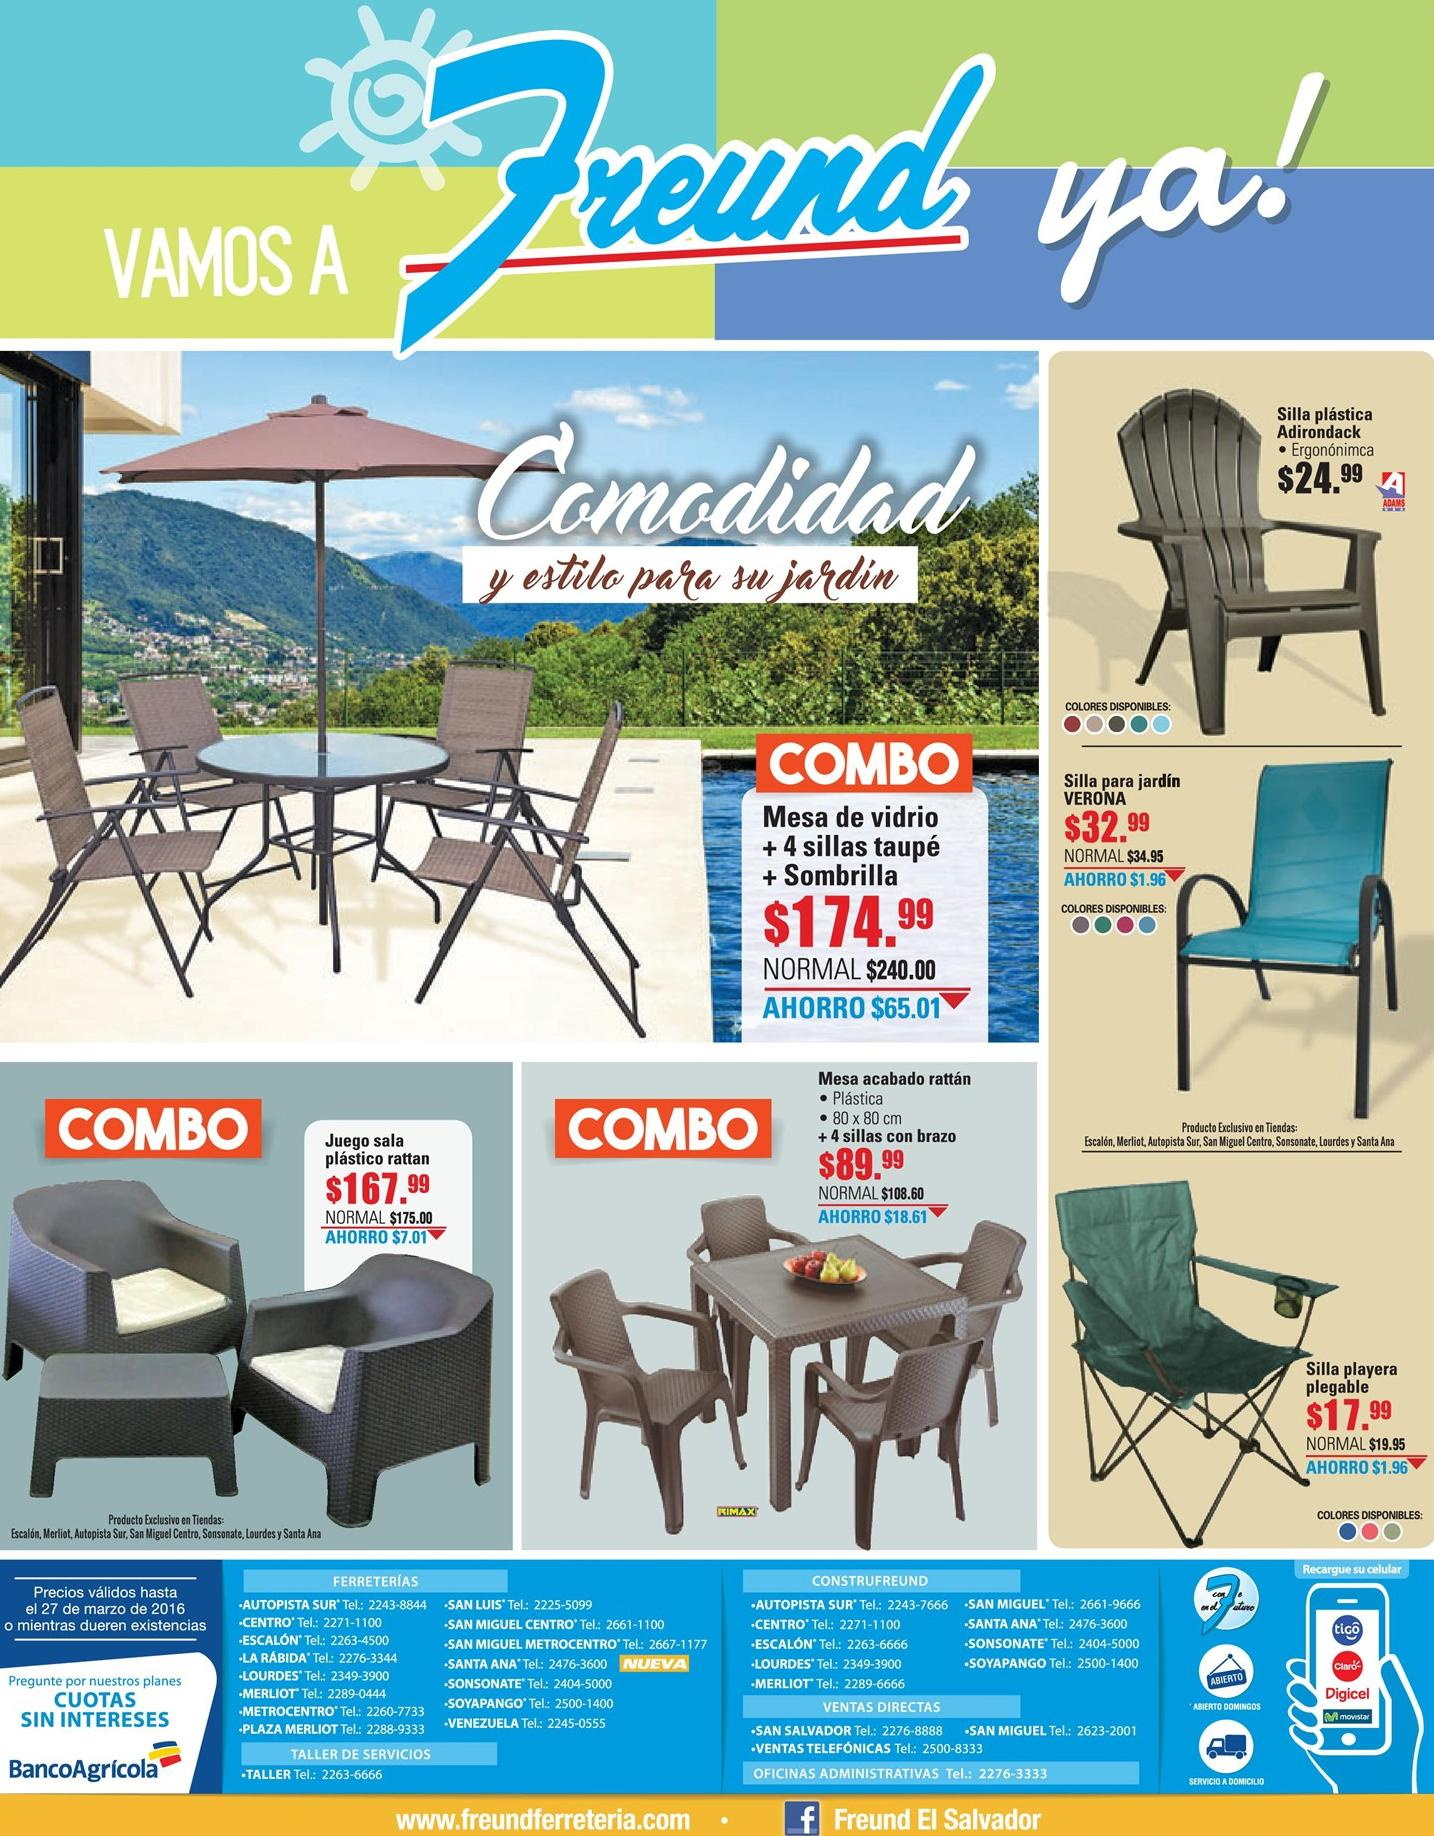 COMBOS de muebles de jardin FREUND vacaciones - 18mar16 ...